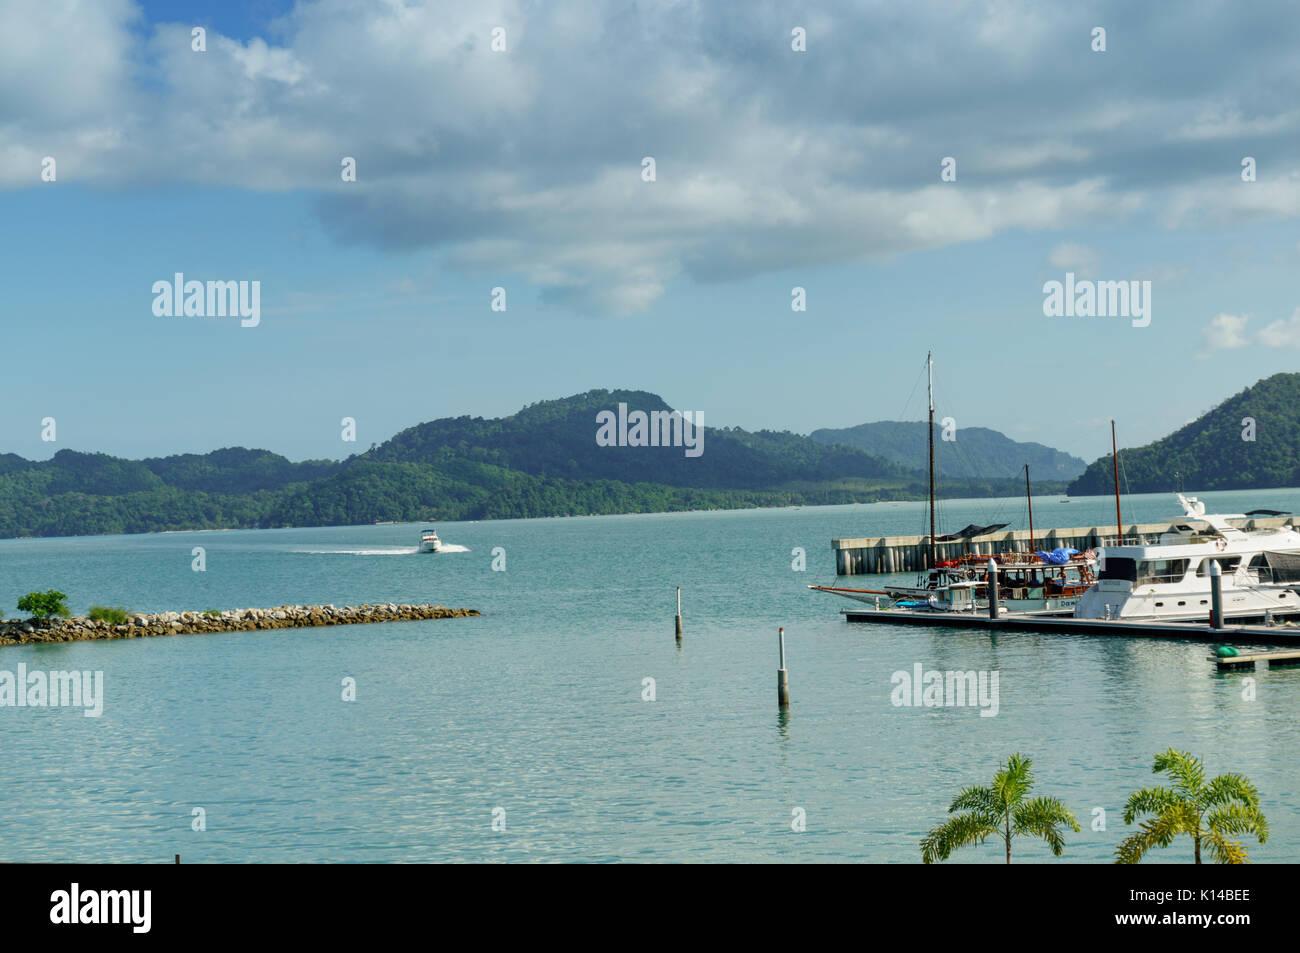 Boote auf einem Pier mit blauem Wasser und bewölkter Himmel Stockbild